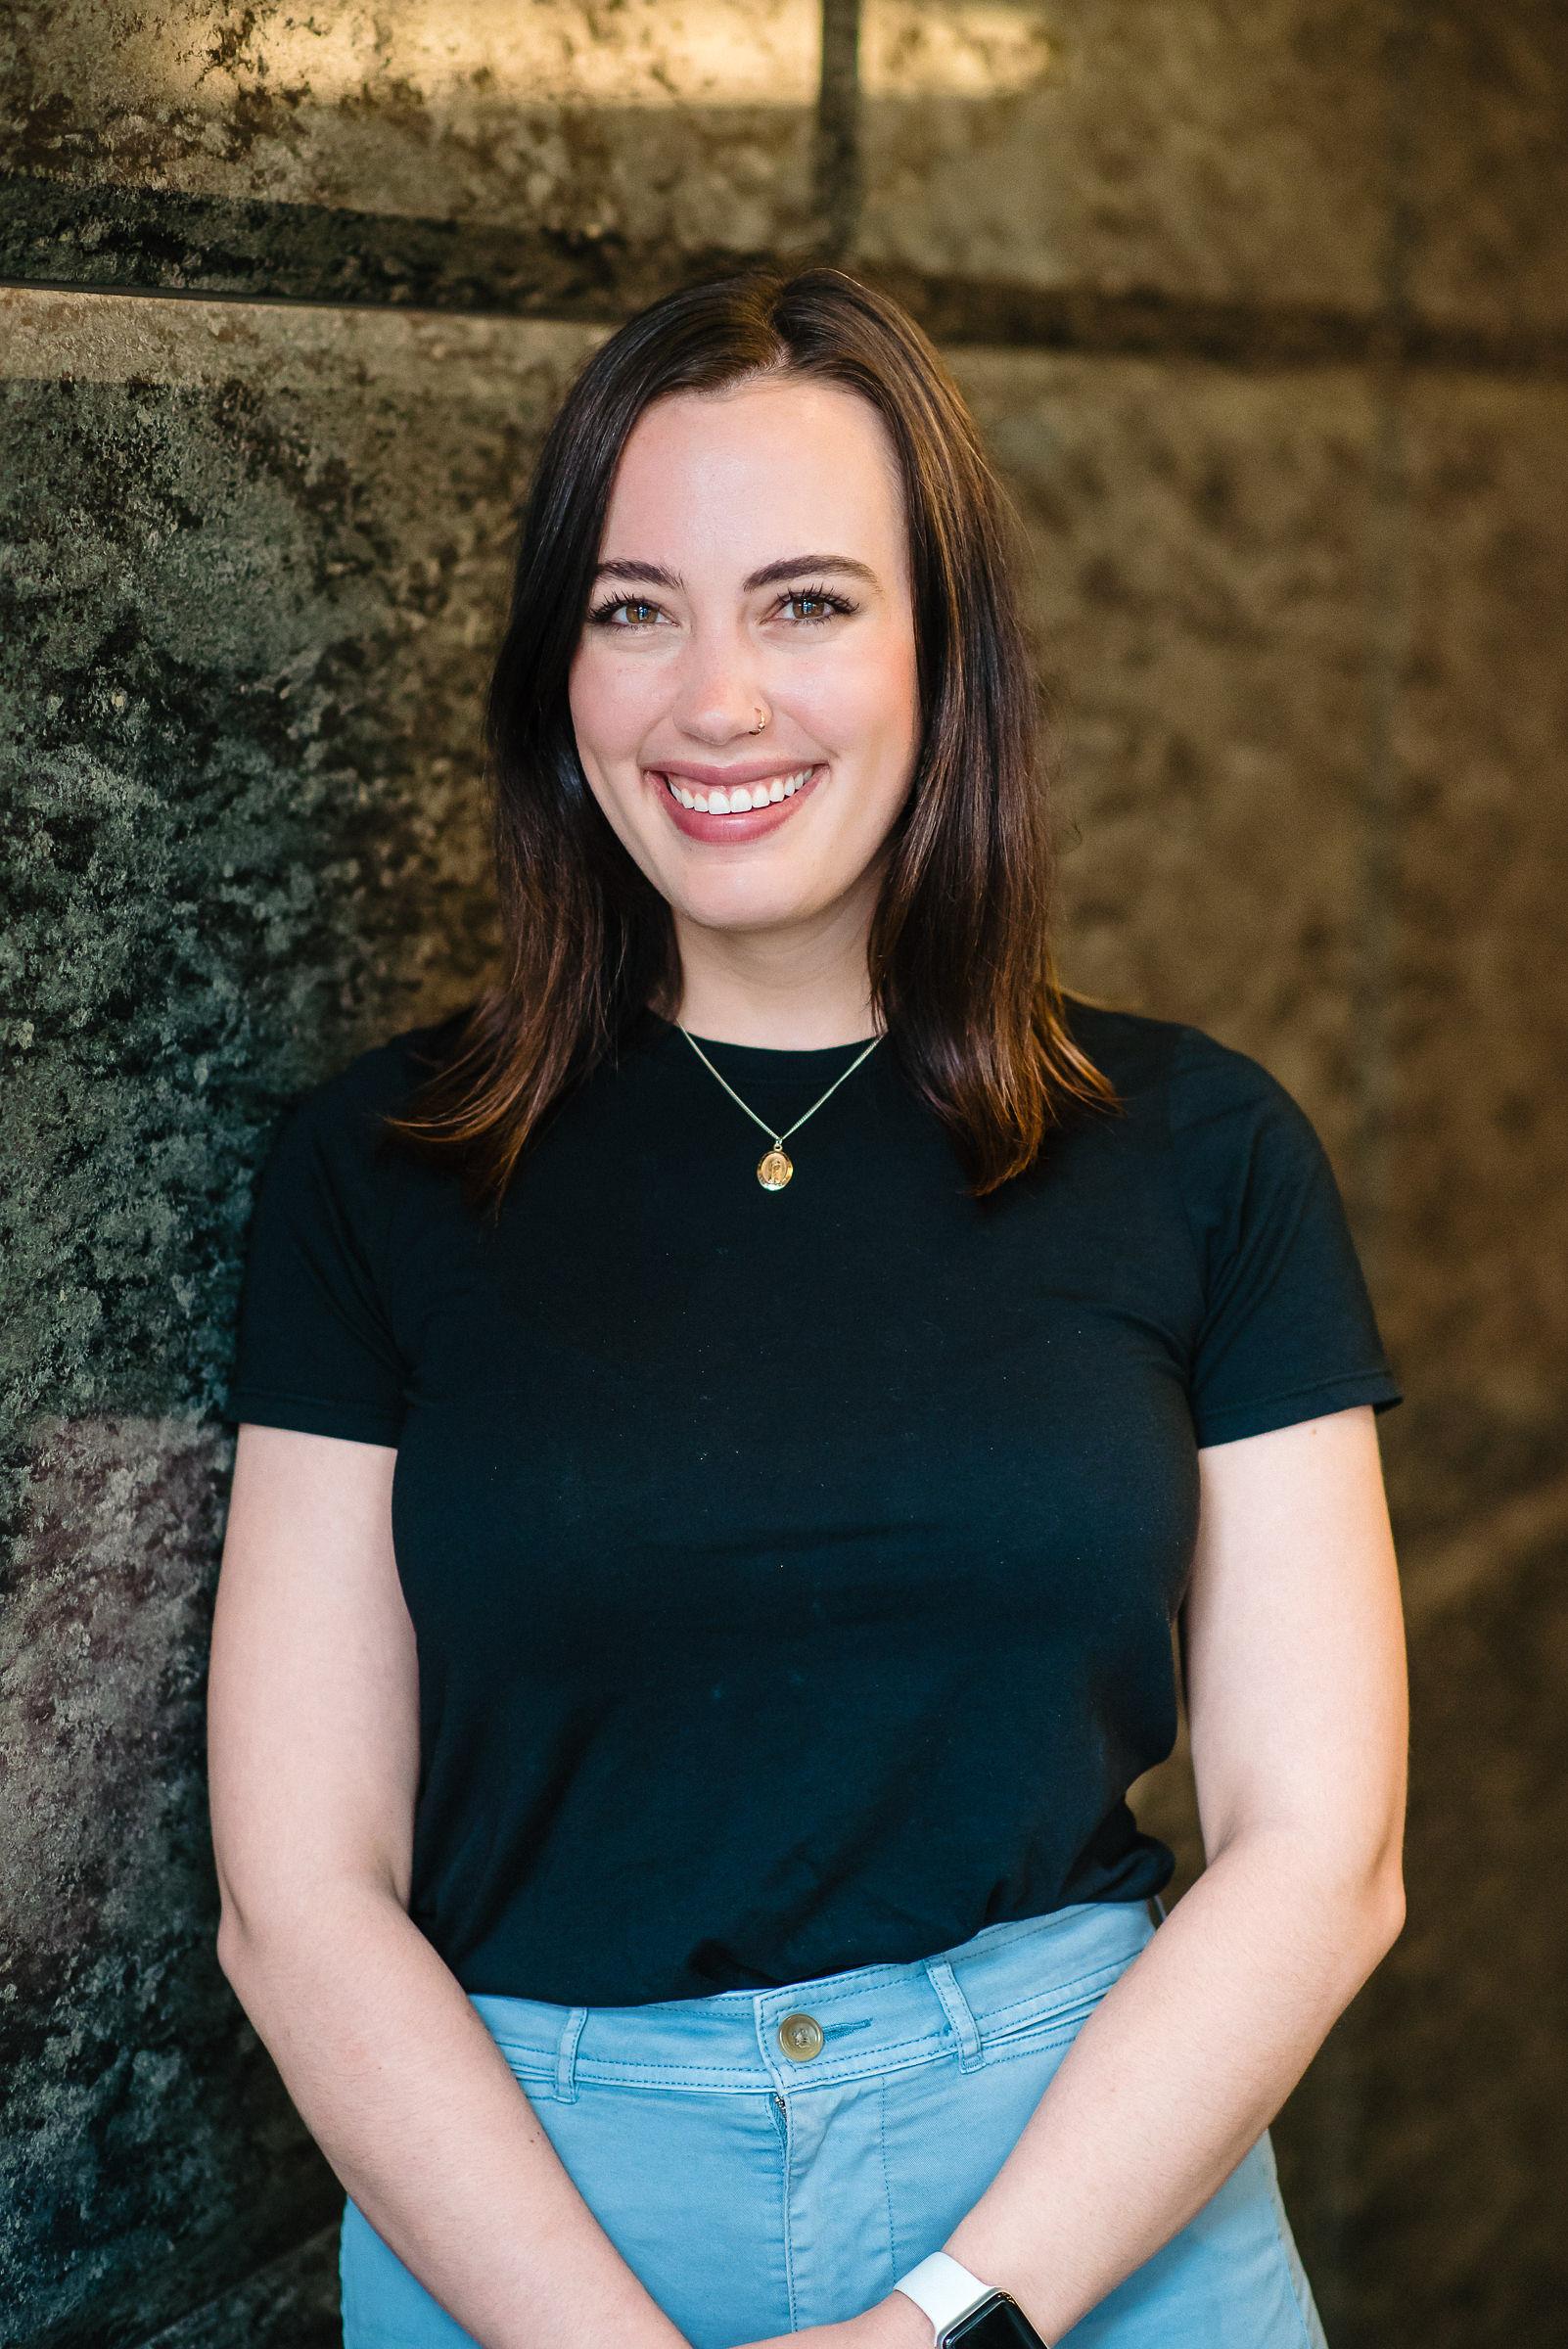 Erica Pieper, Volunteer Relations Manager